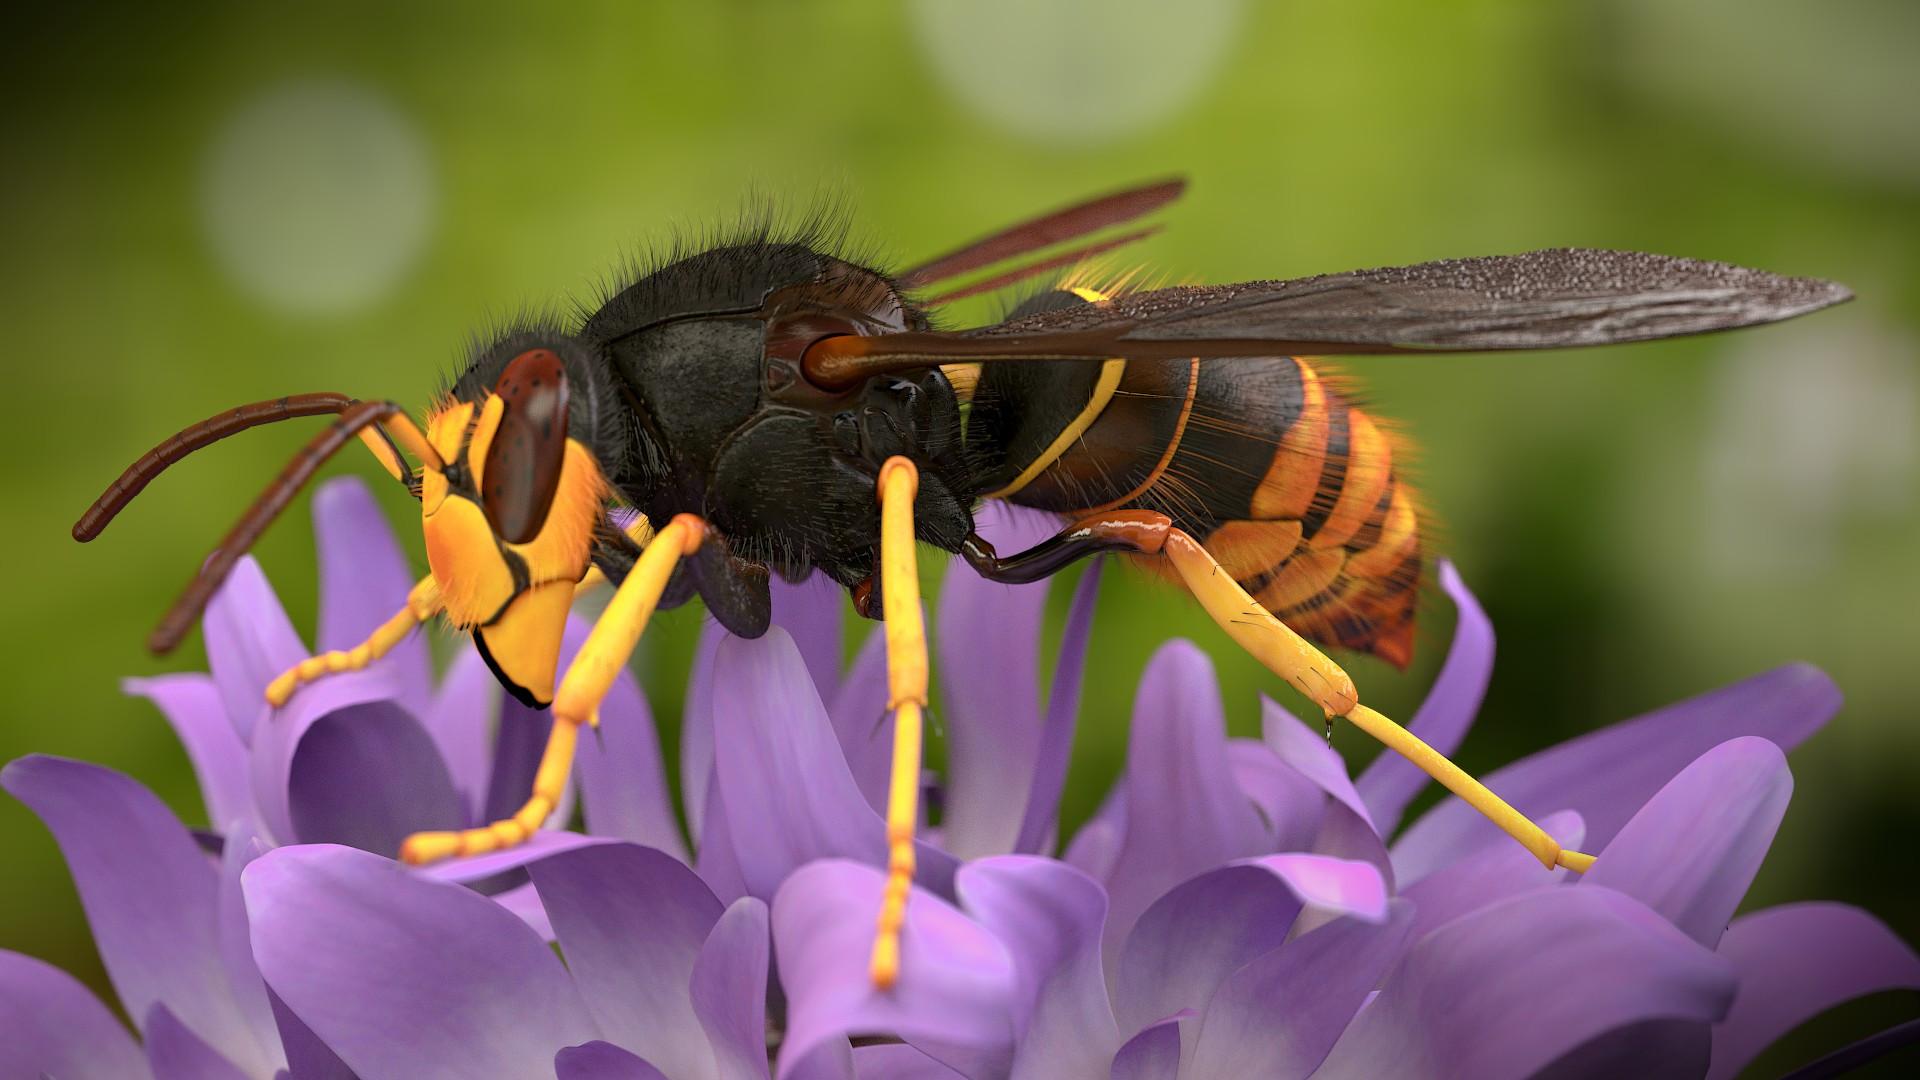 Japanese hornet